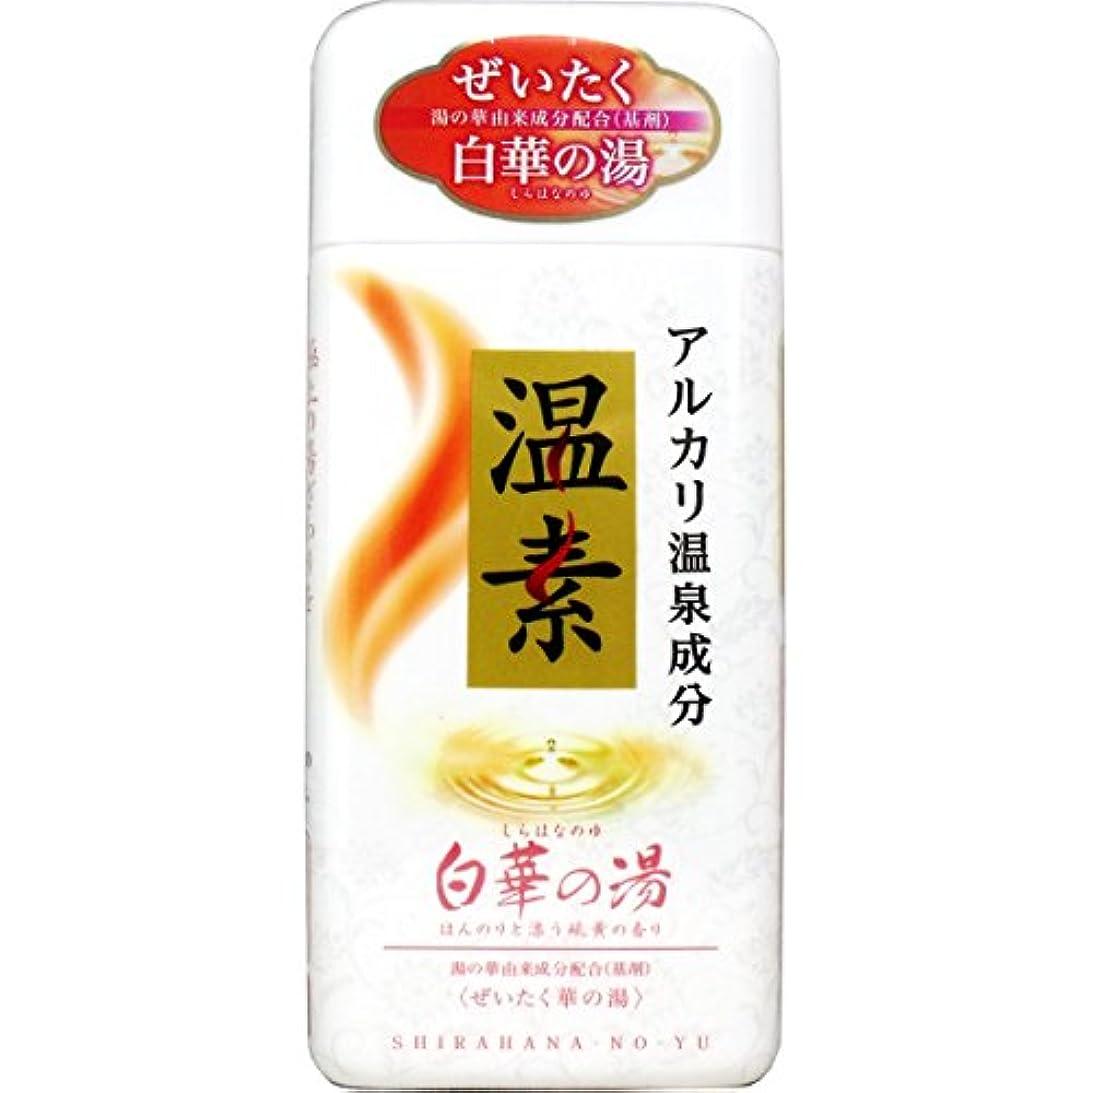 ダメージコールド長老お風呂用品 ぜいたく華の湯 本物志向 アルカリ温泉成分 温素 入浴剤 白華の湯 硫黄の香り 600g入